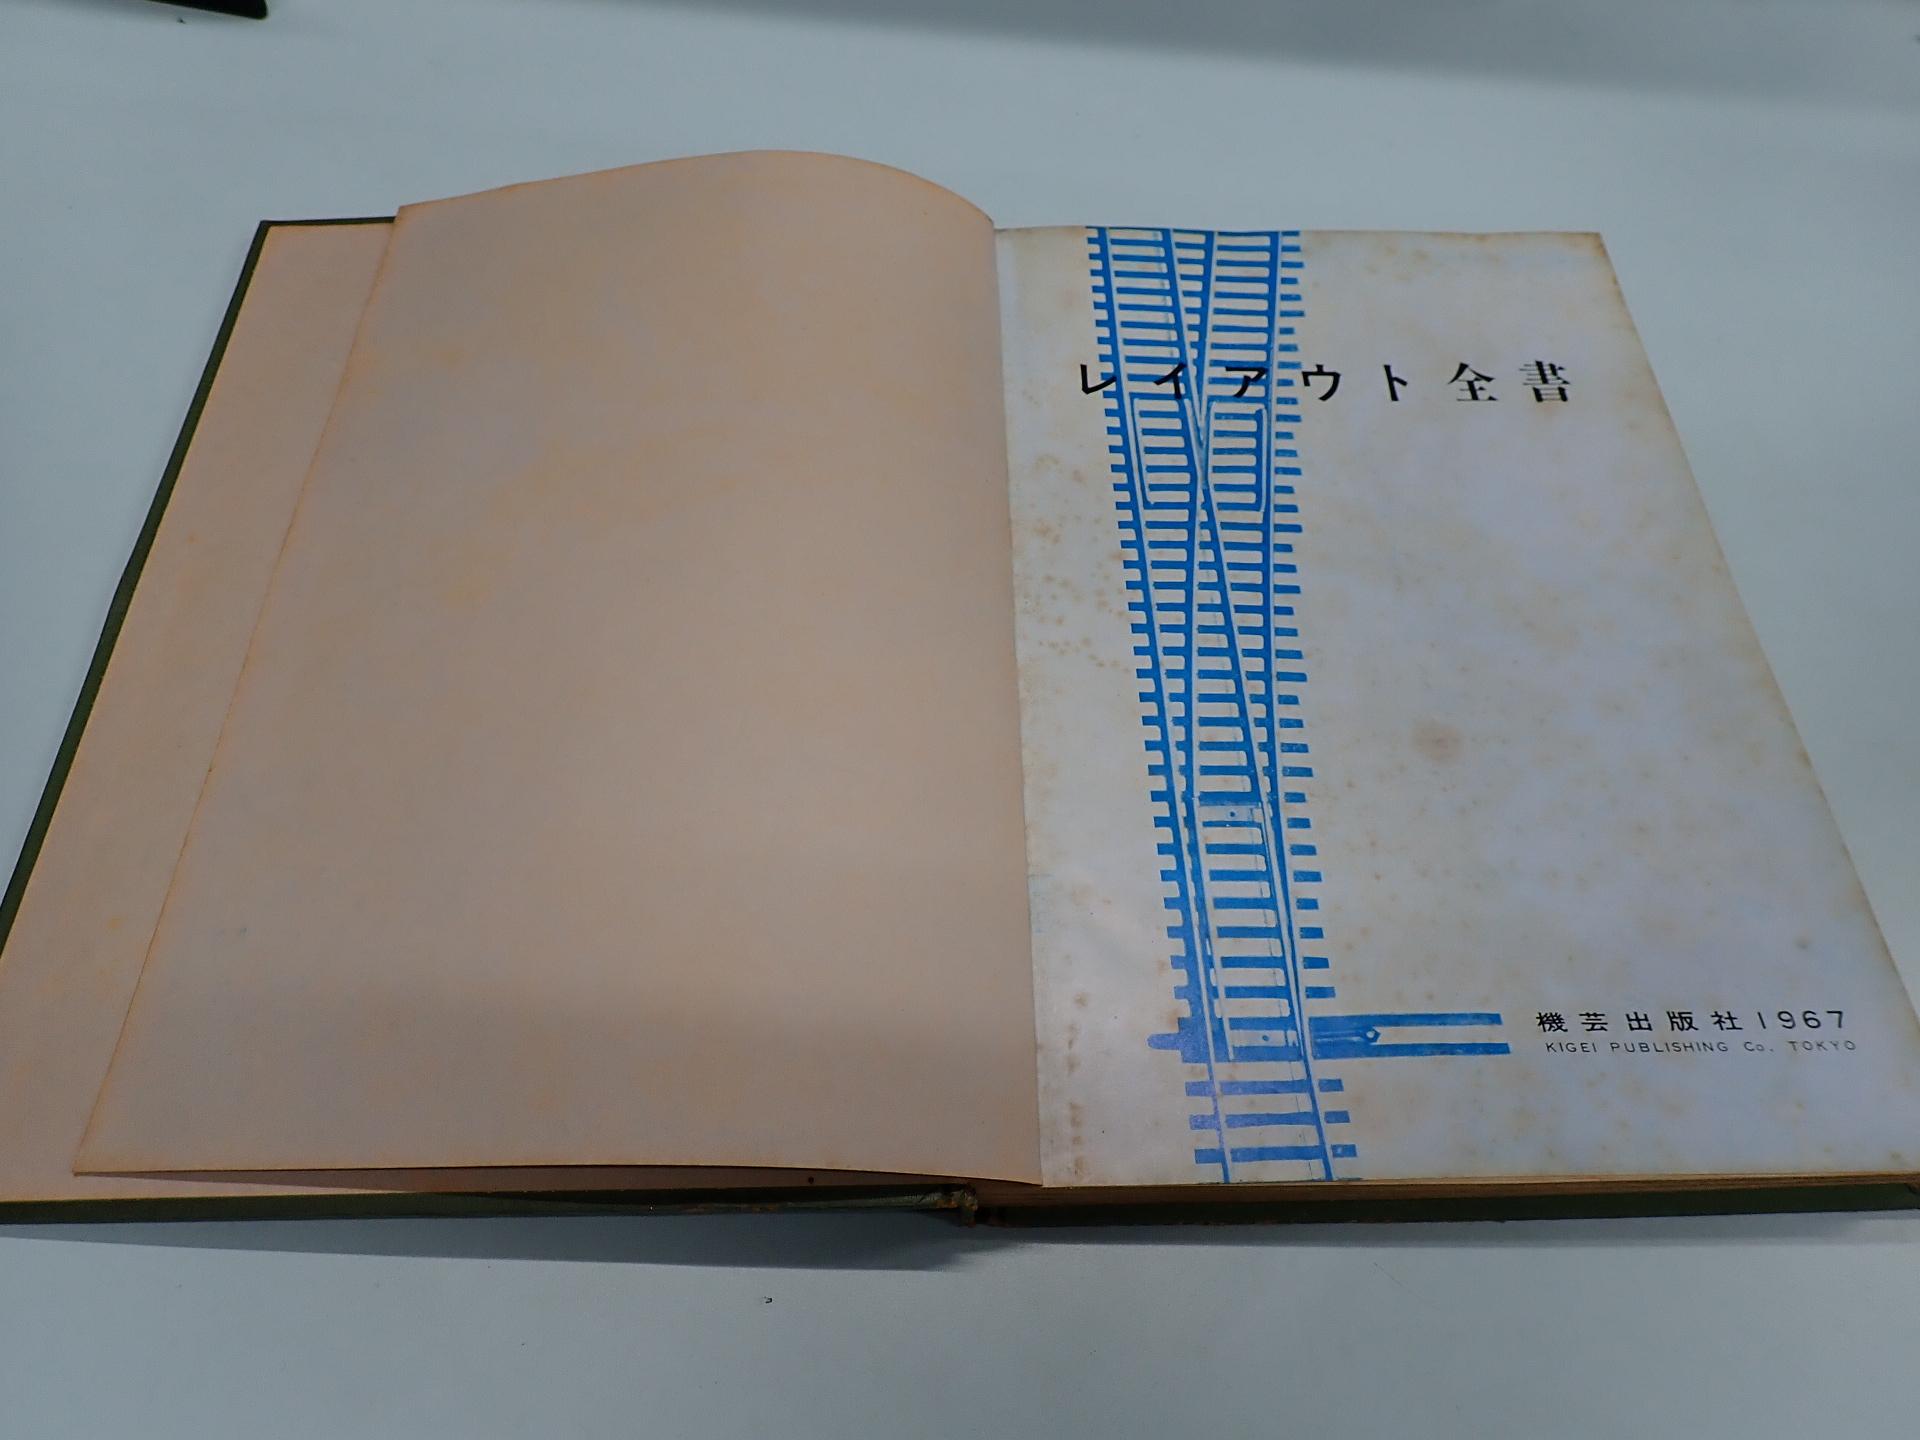 レイアウト全書(機芸出版社、1967年)